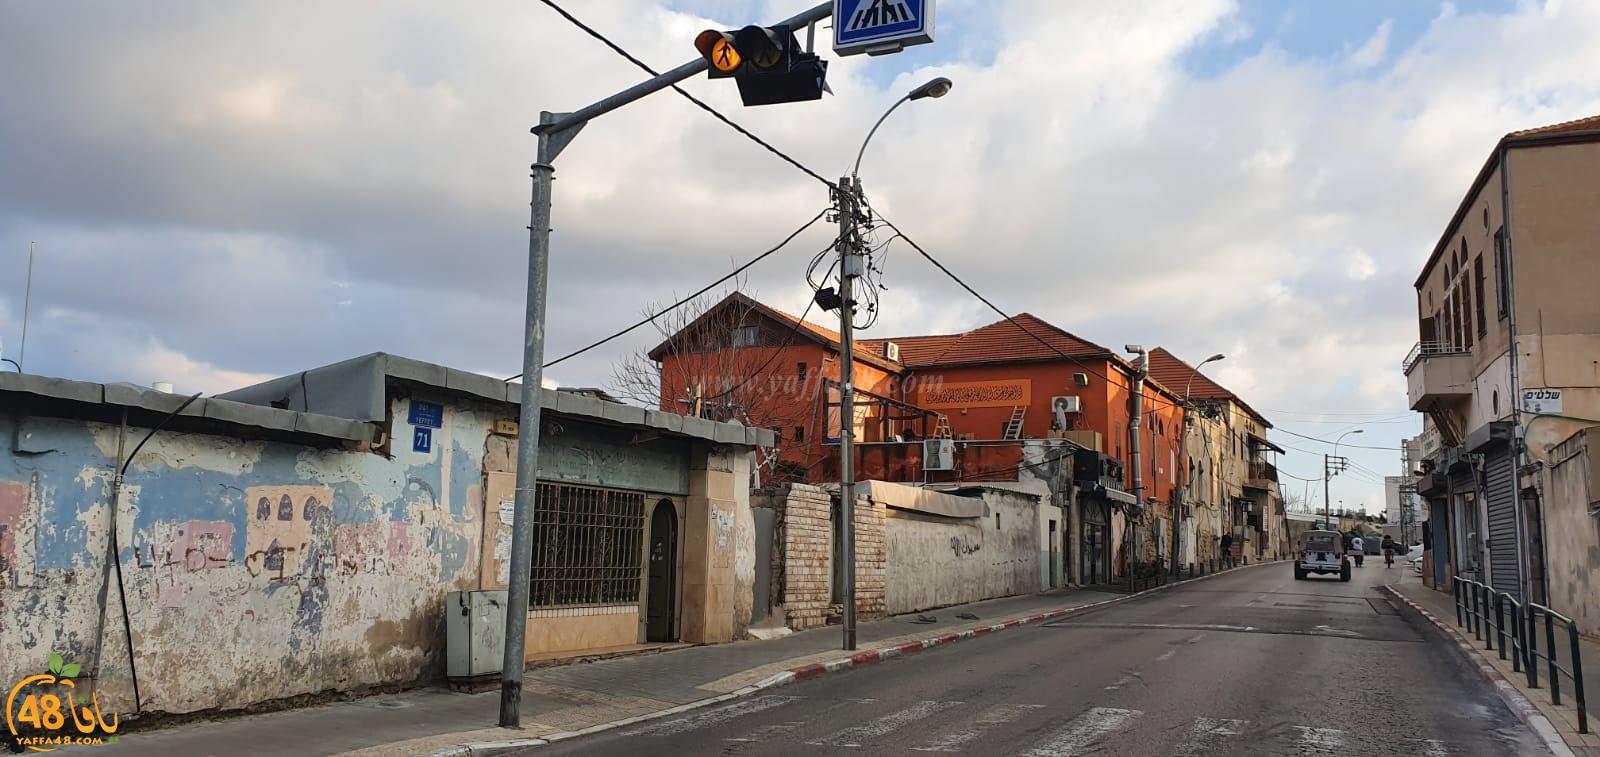 تدشين جدارية للشاعر حافظ ابراهيم في مدينة يافا